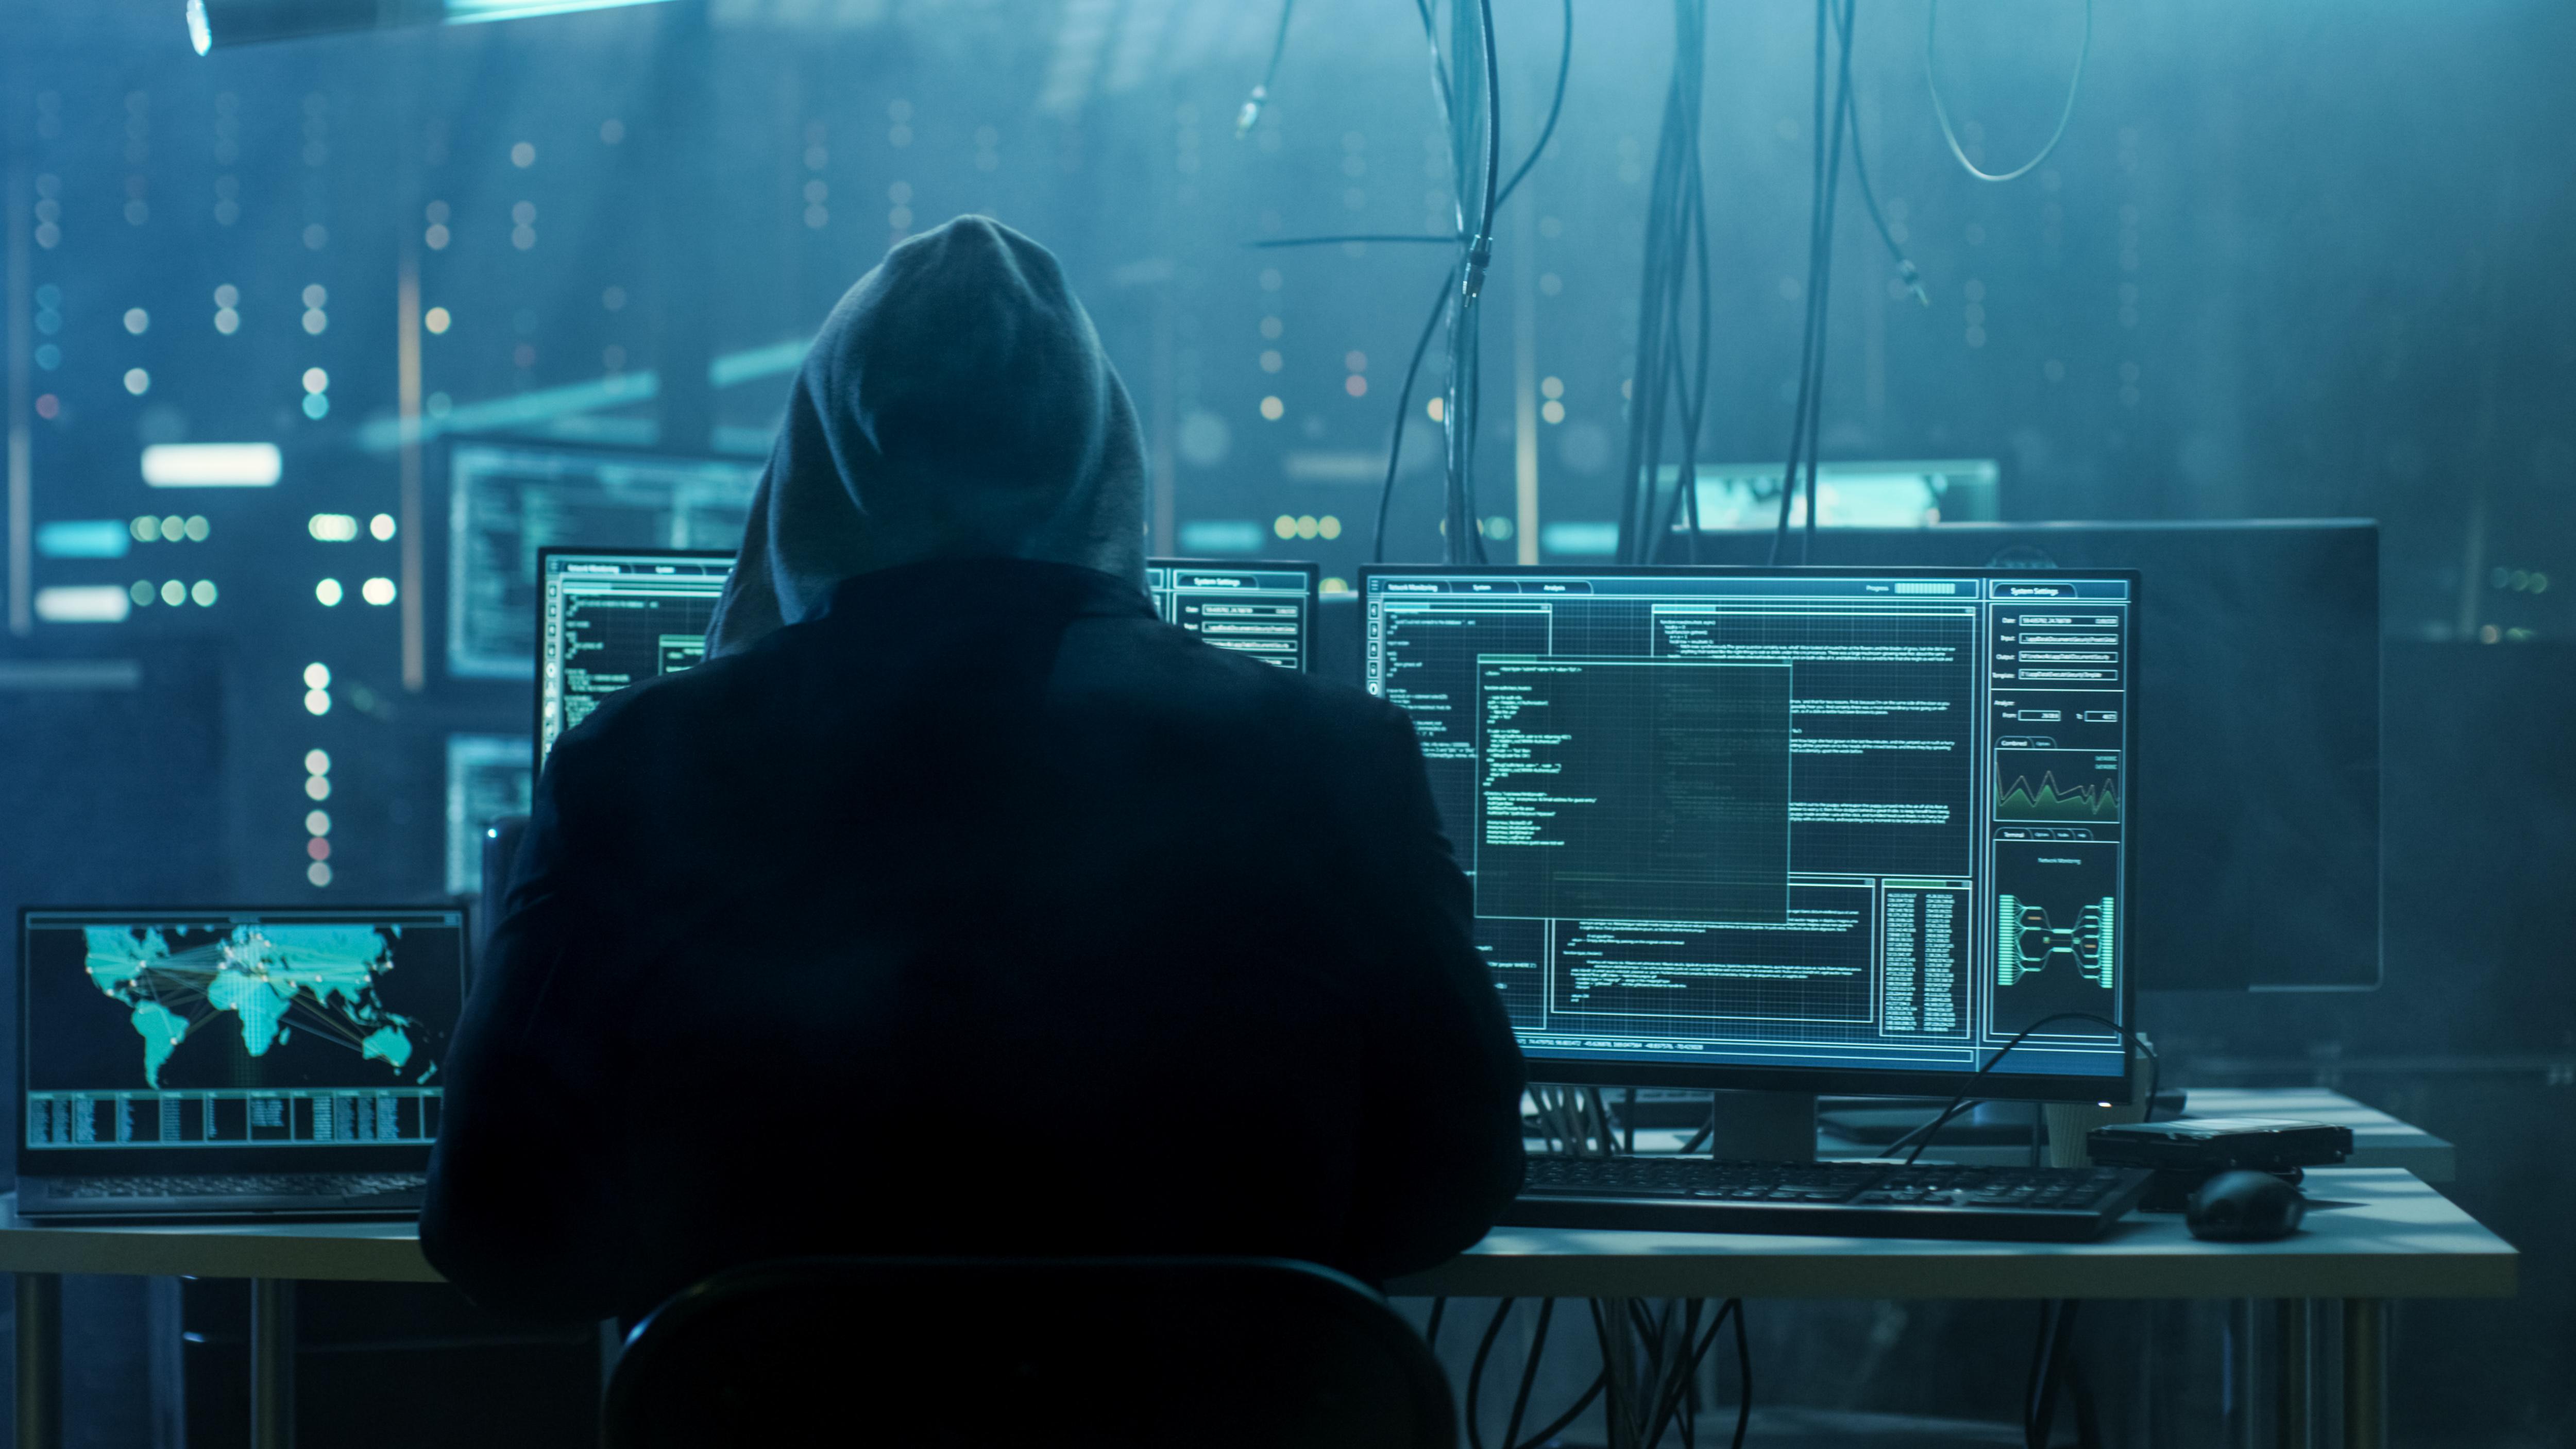 Spitalul Clinic Witting din Bucuresti, victima unui atac cibernetic de tip ransomware